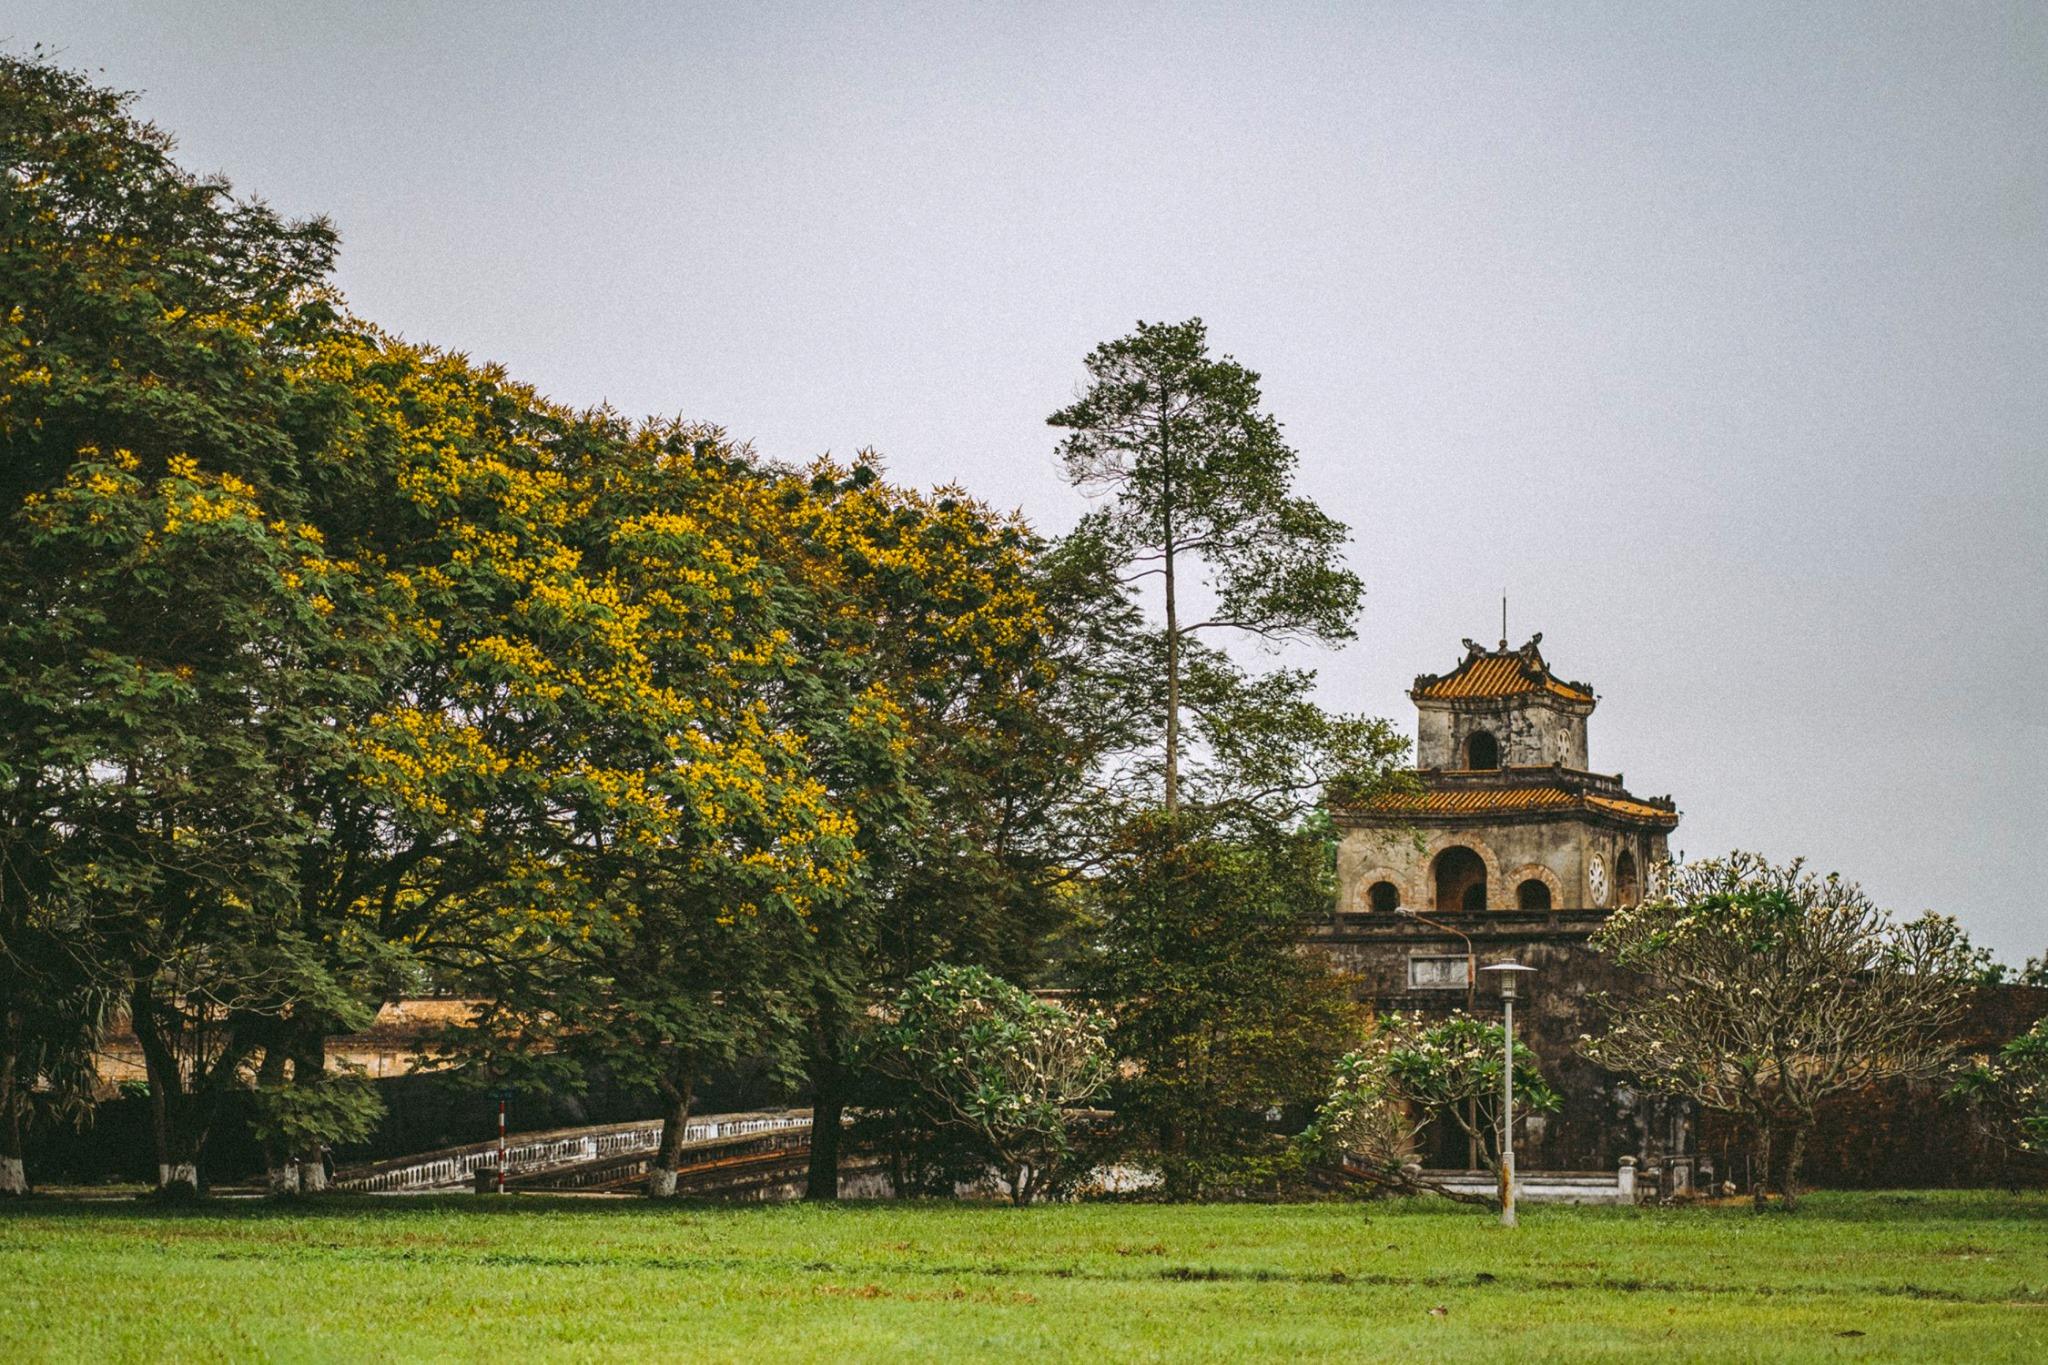 Hoa phượng vàng ở Huế. Hình: Trường Bùi